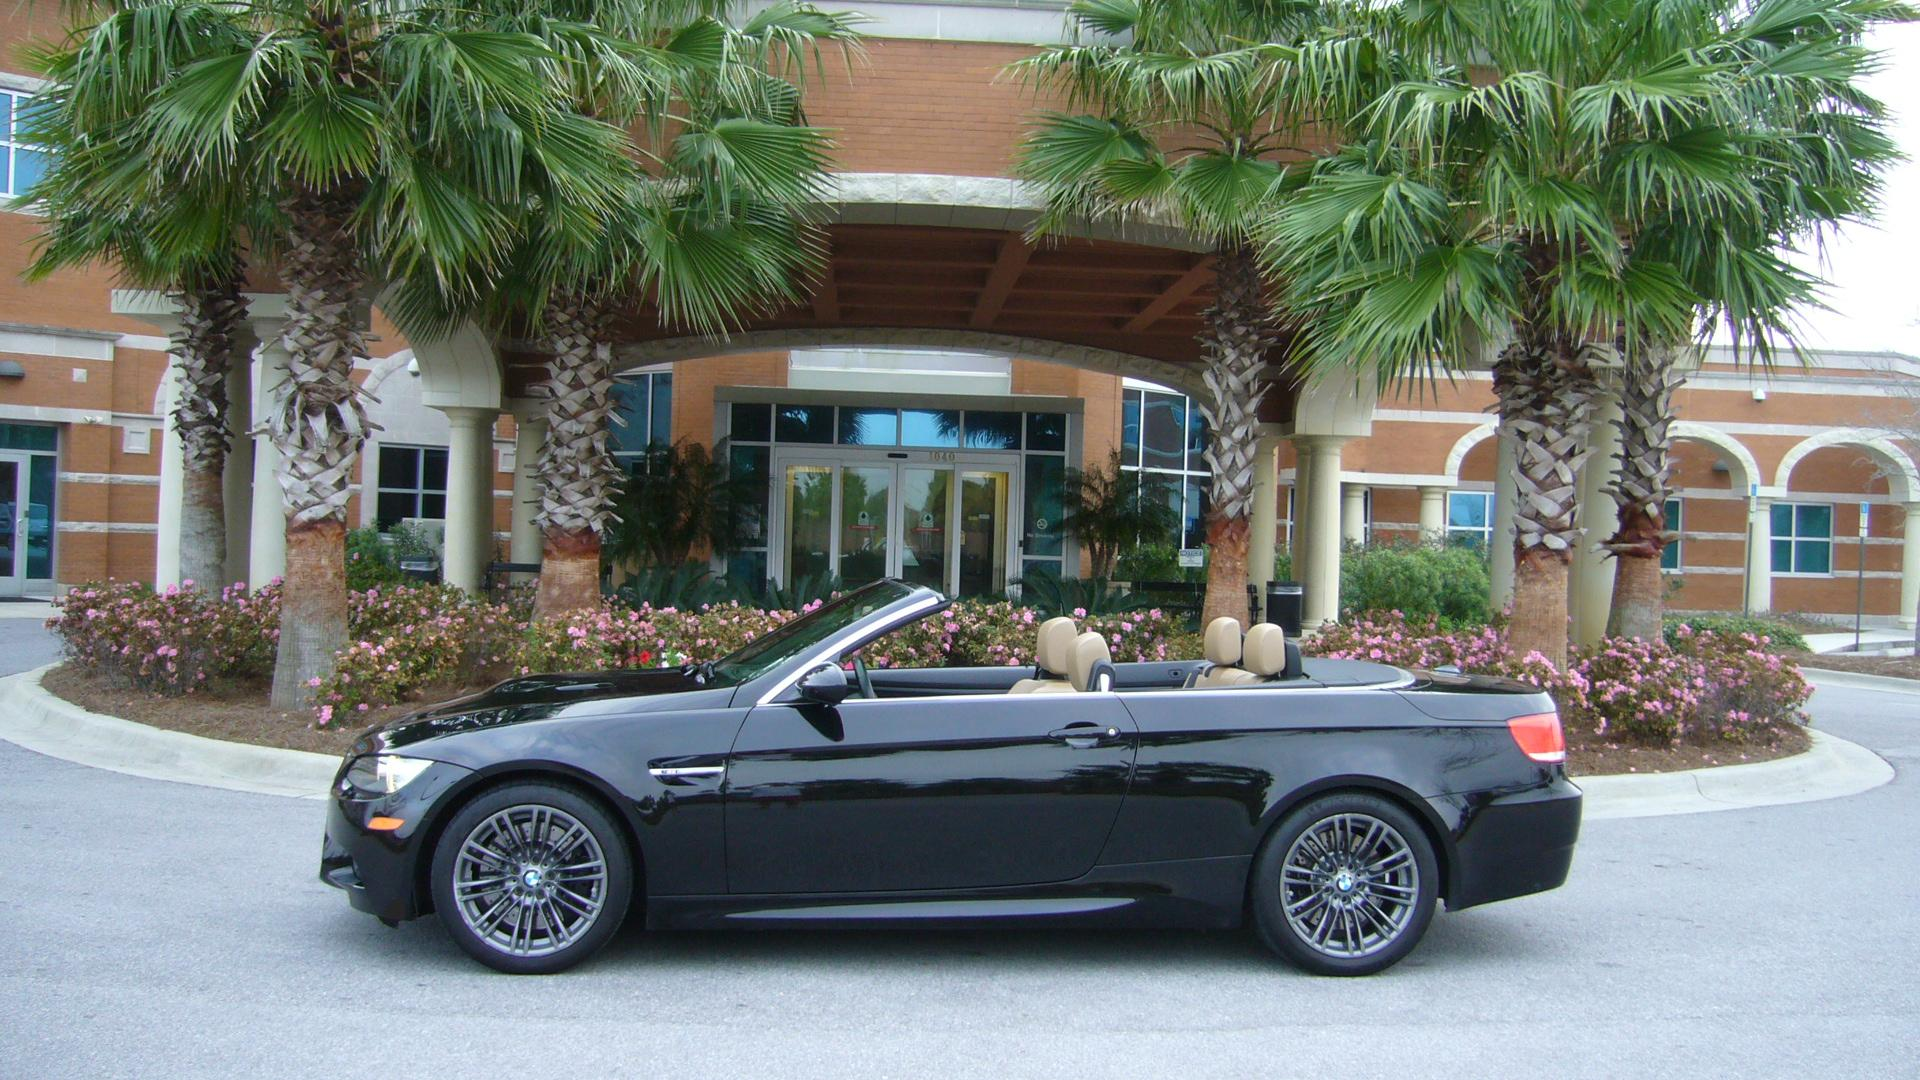 Buy Here Pay Here Lexington Ky >> Used Cars Lexington Ky Buy Here Pay Here Used Cars Lexington .html | Autos Weblog